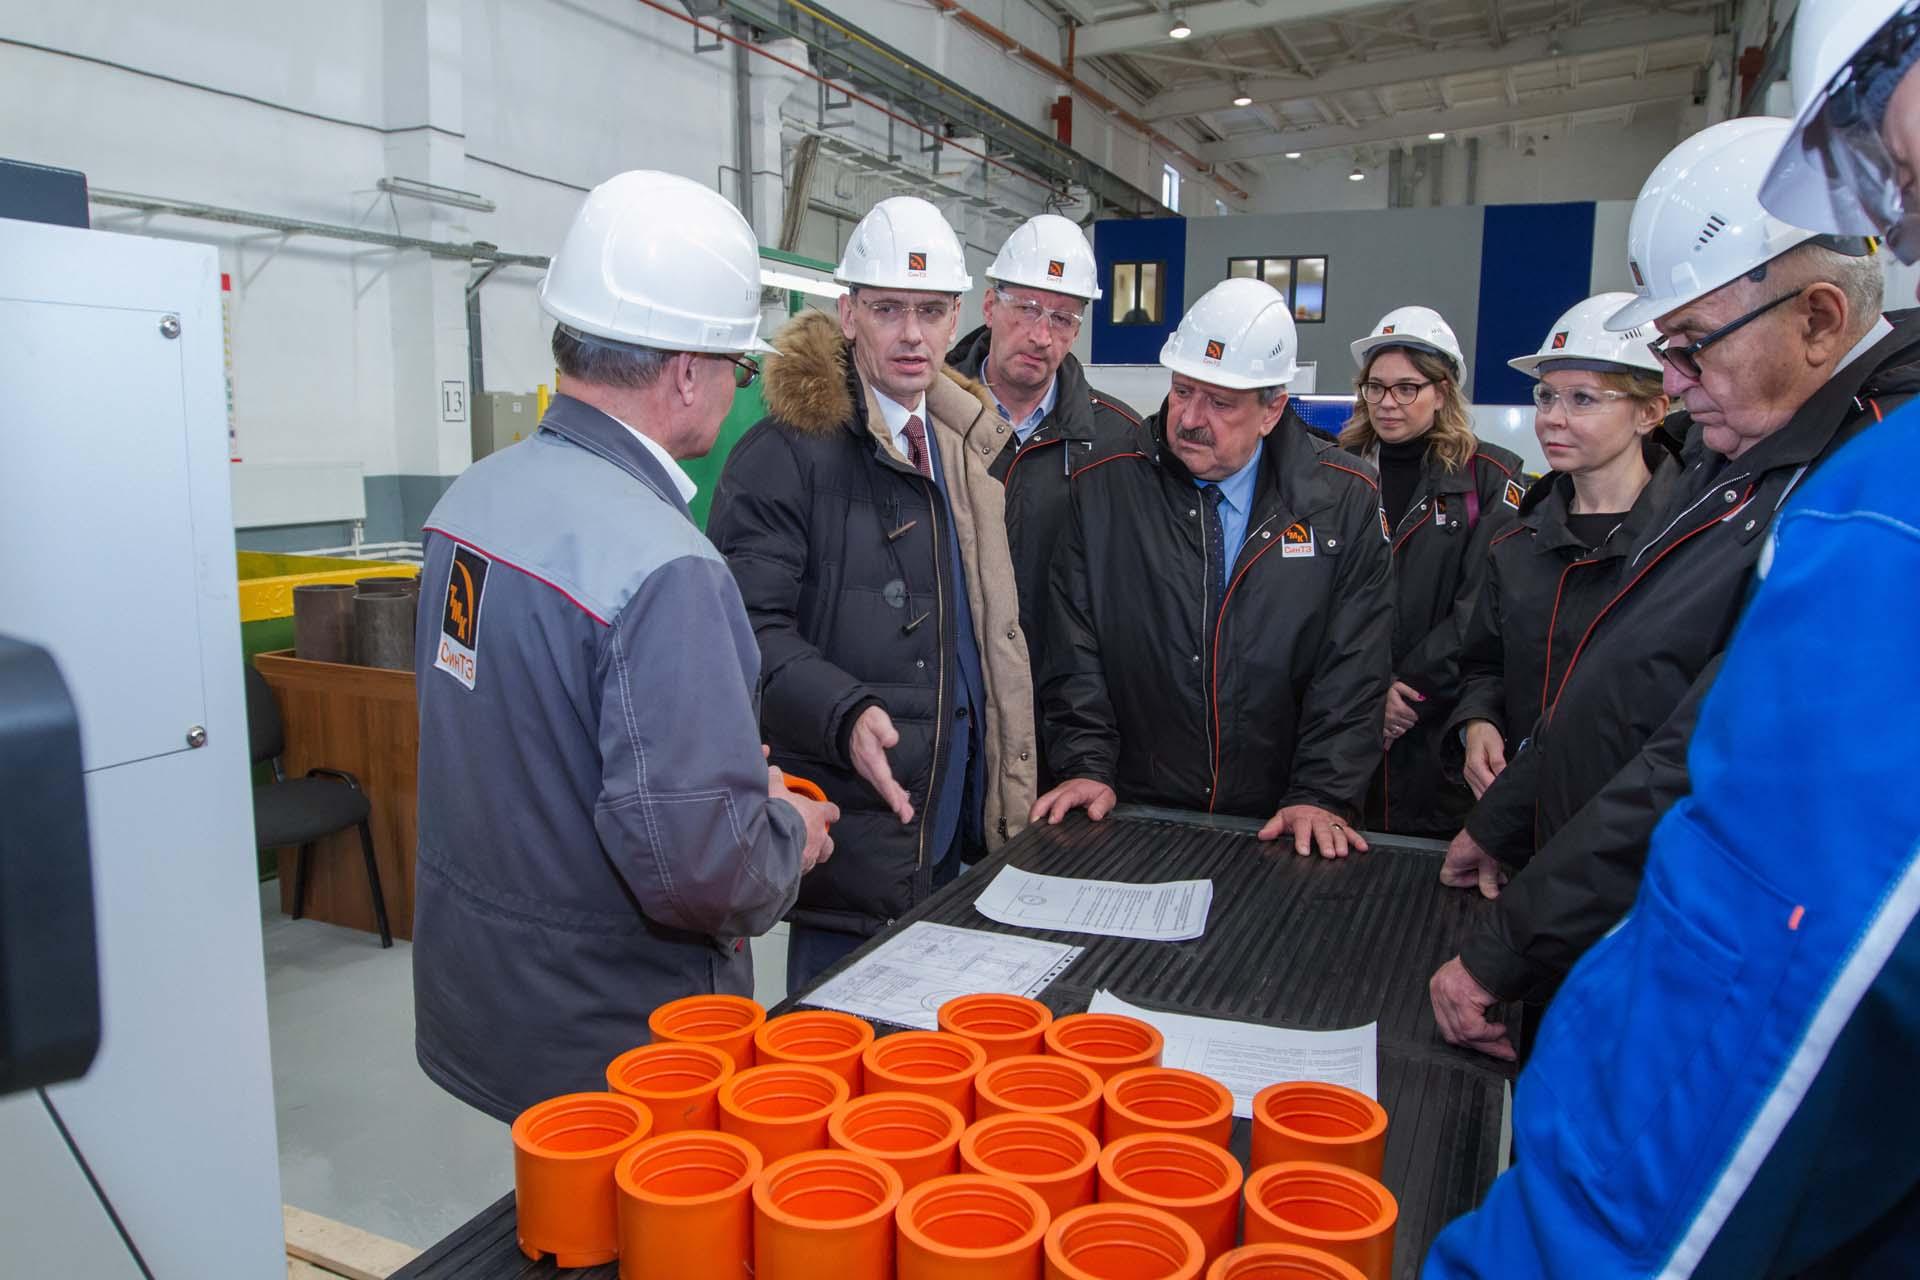 ТМК открыла первый в российском горно-металлургическом комплексе Центр оценки квалификации